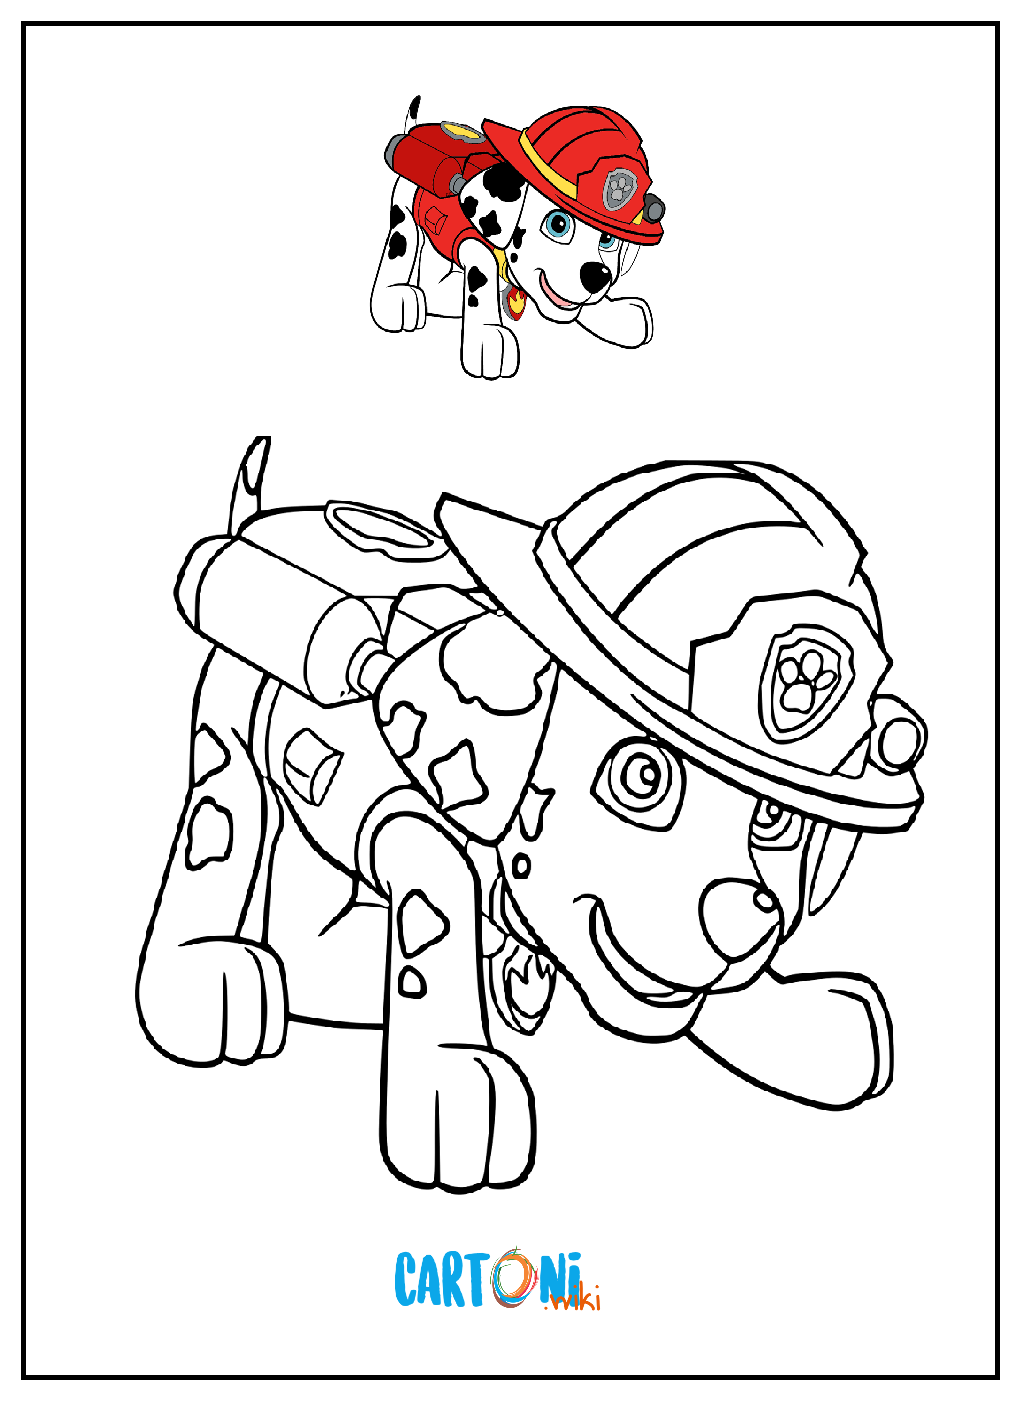 disegni da colorare e stampare per bambini wikipedia